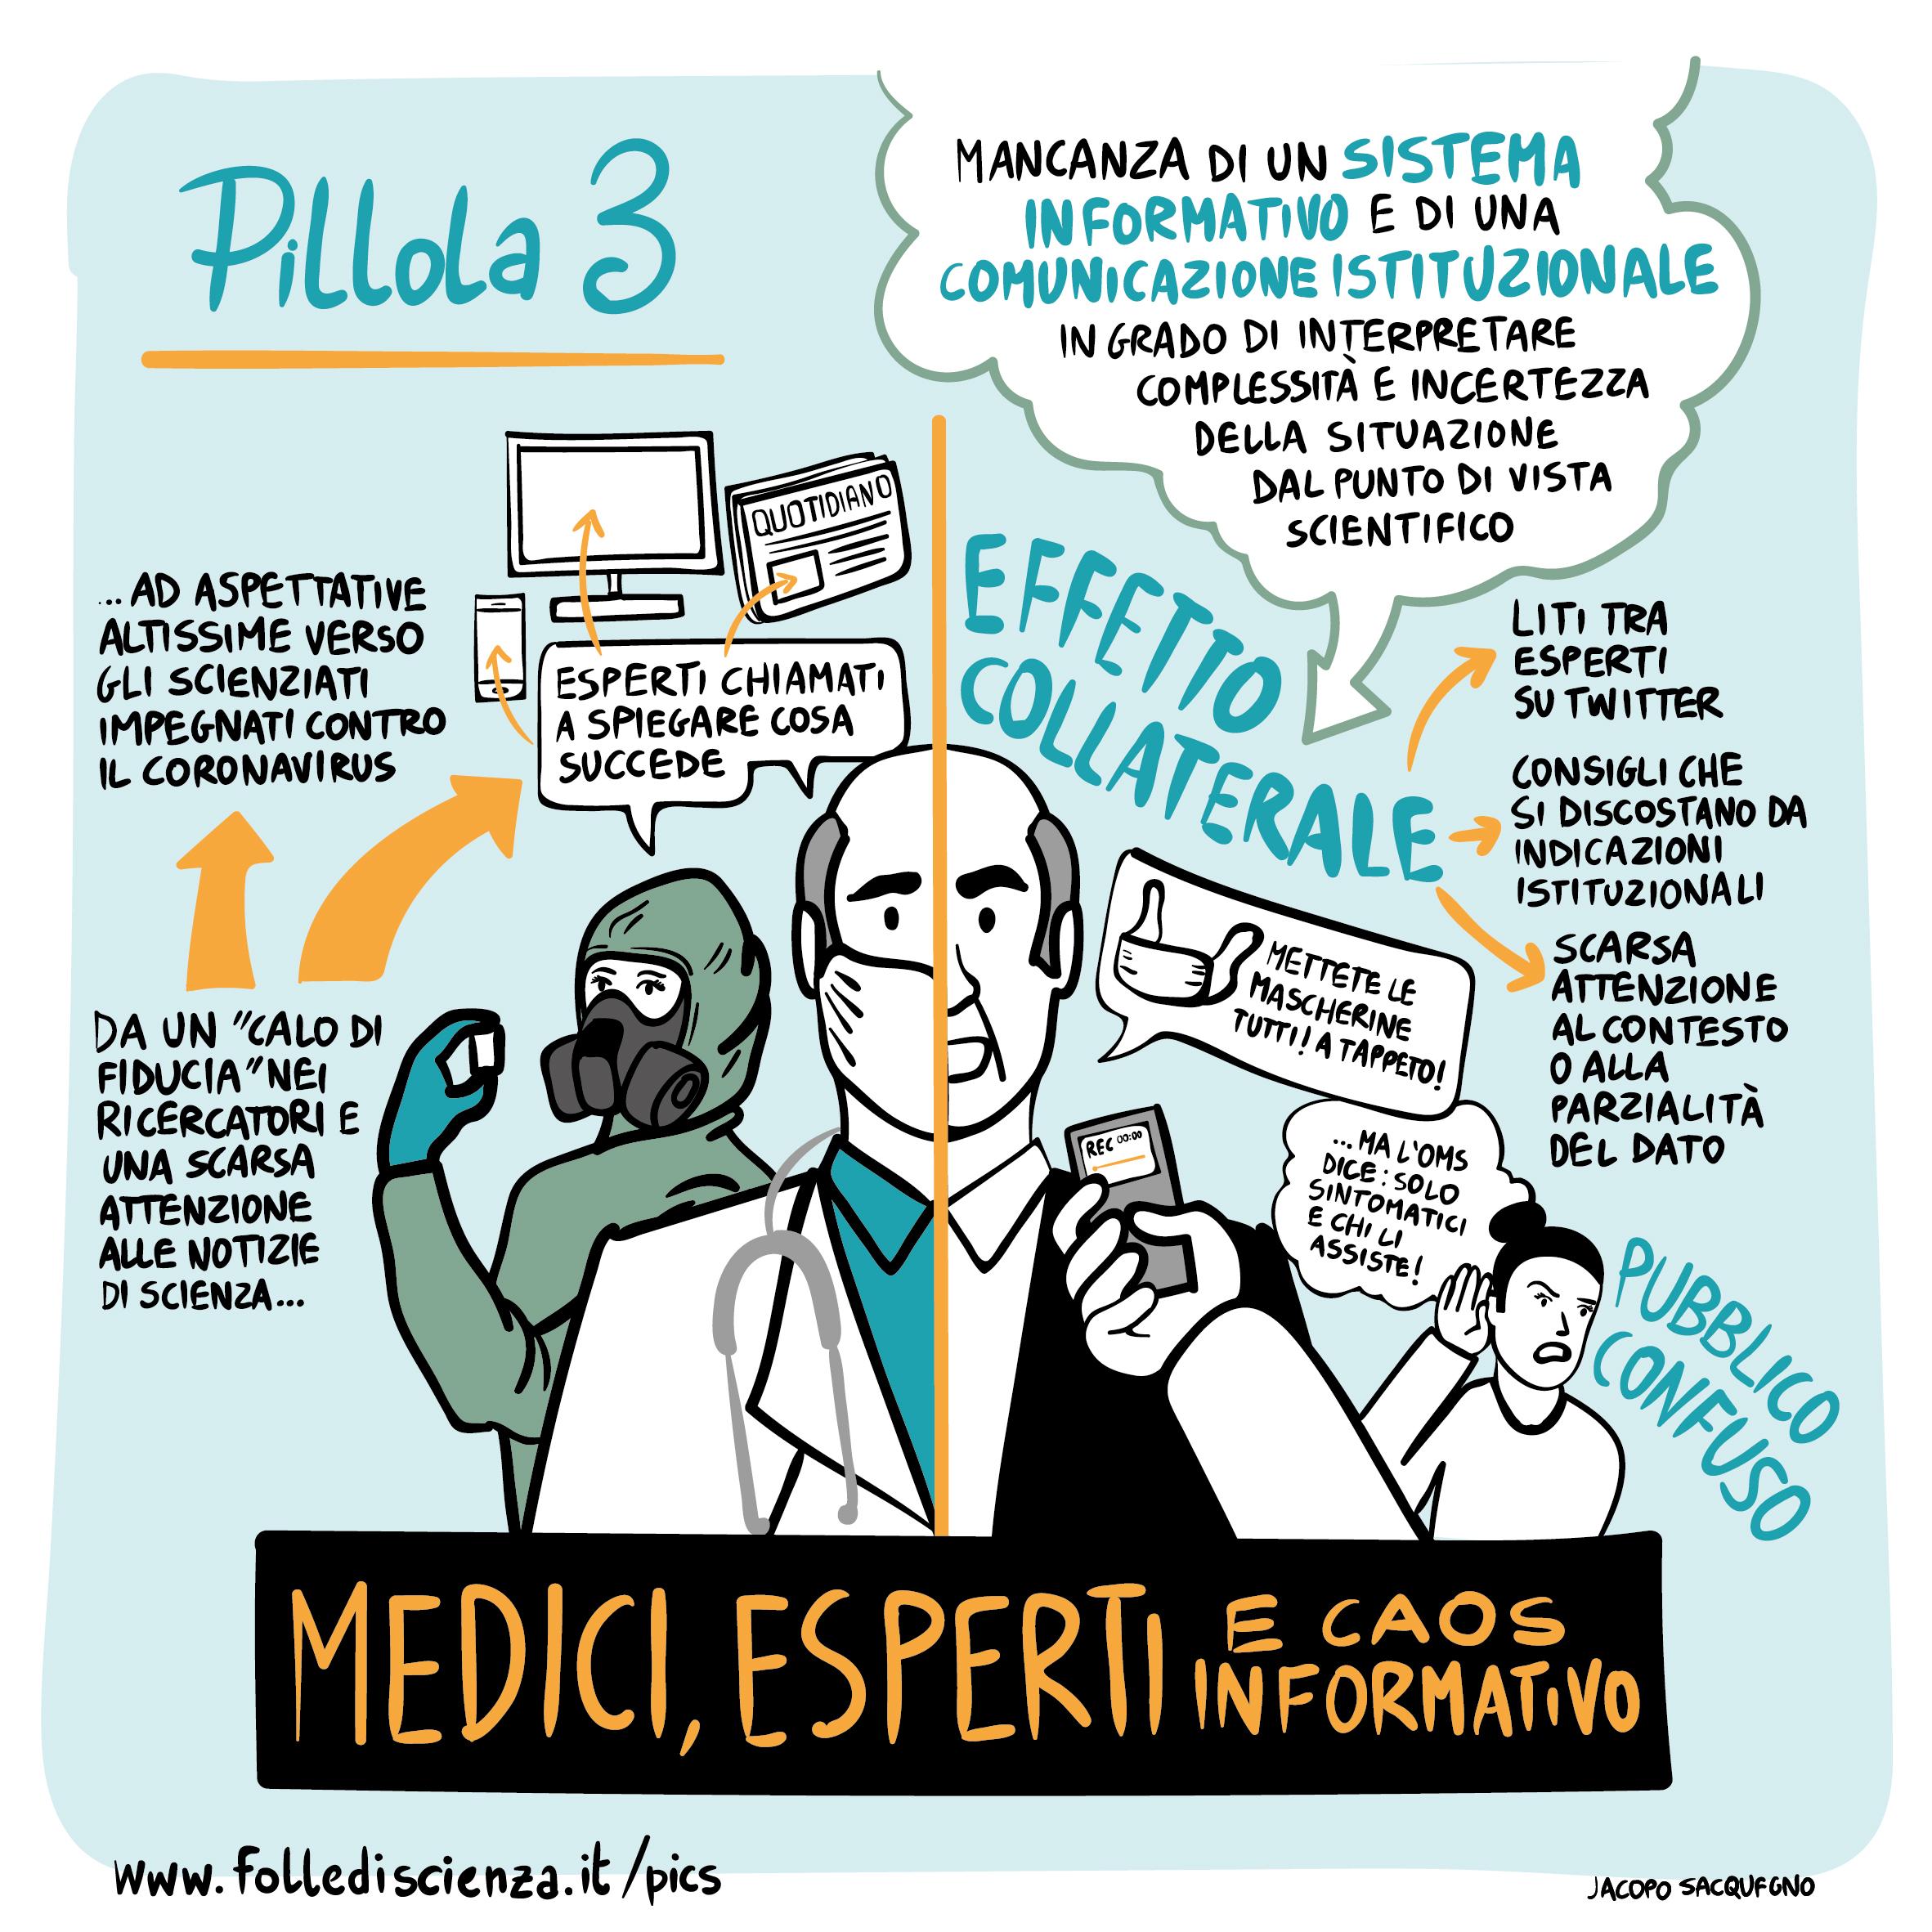 Medici, esperti e caos informativo